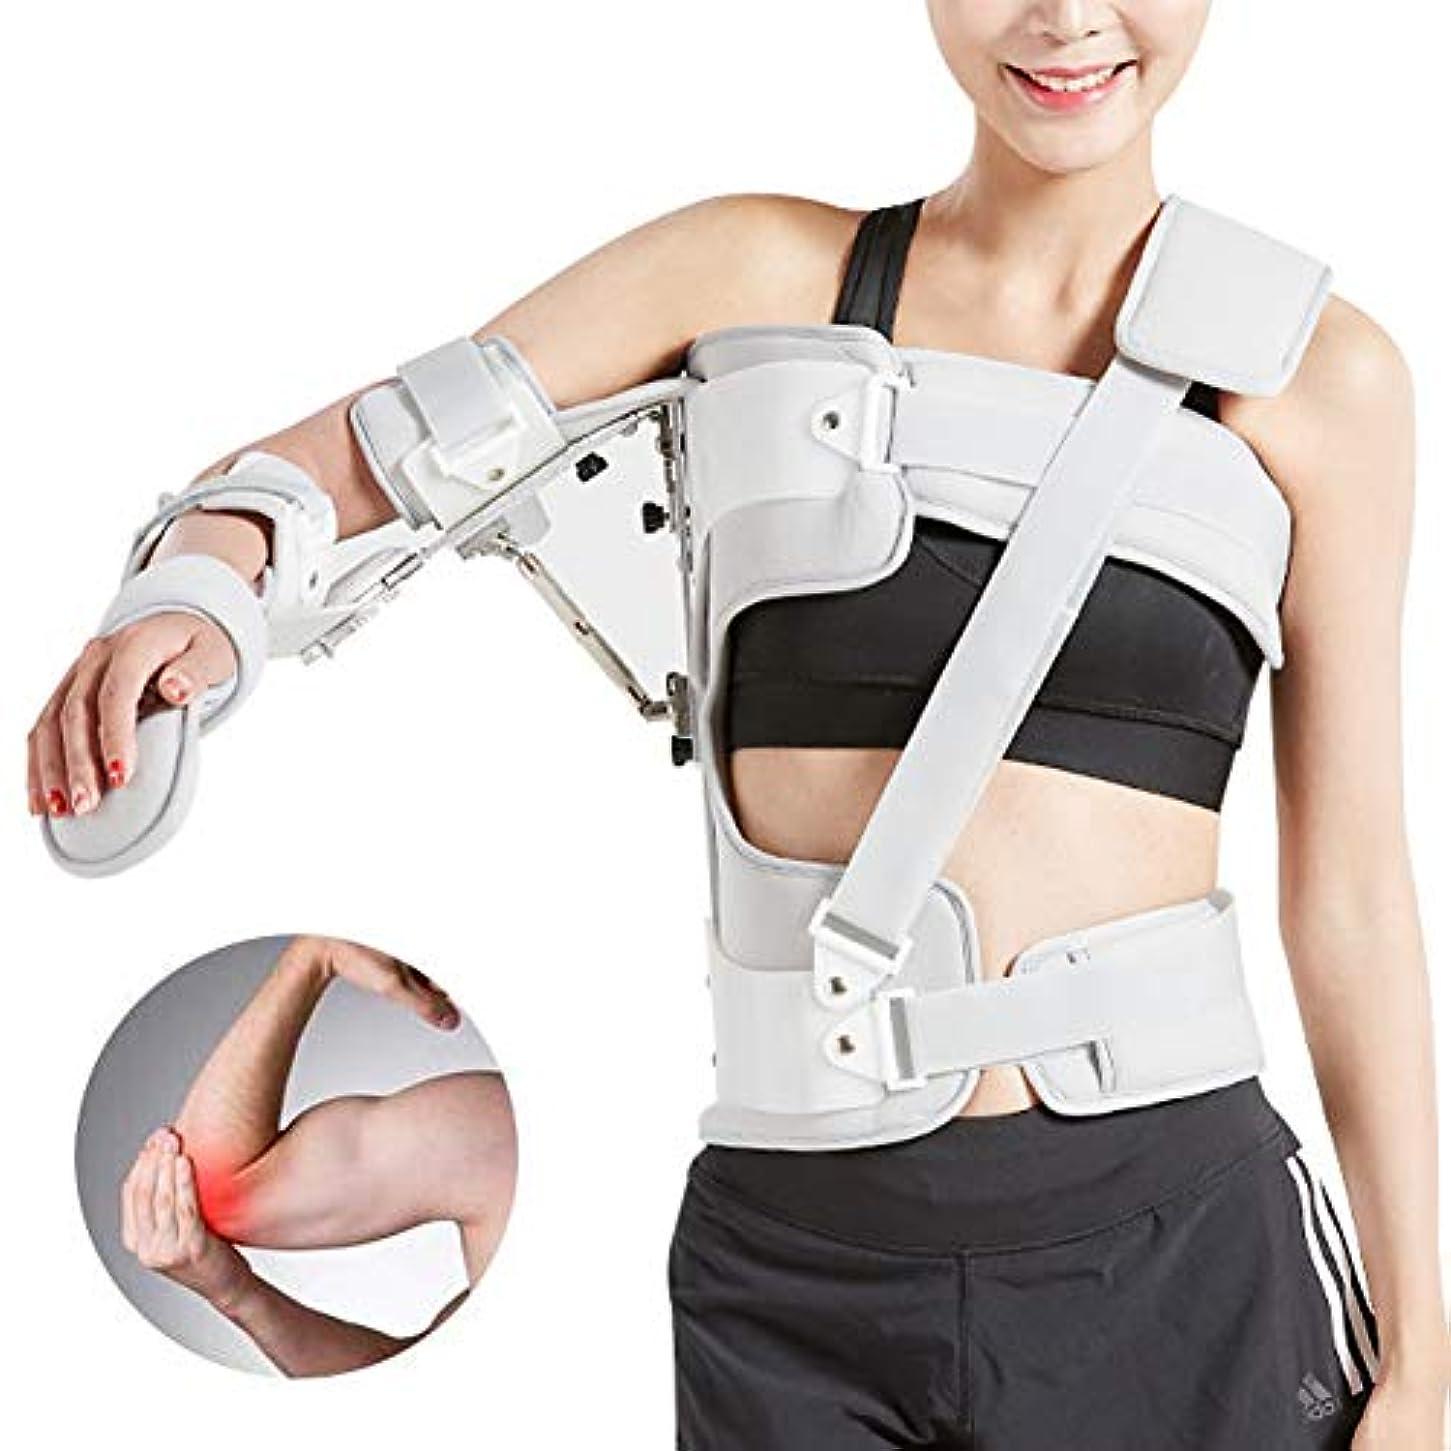 回復するジャンプする試用調節可能なアームスリング外転枕骨折肘サポートブレース、傷害回復アーム固定、転位回旋腱板滑液包炎腱炎、ワンサイズ - ユニセックス